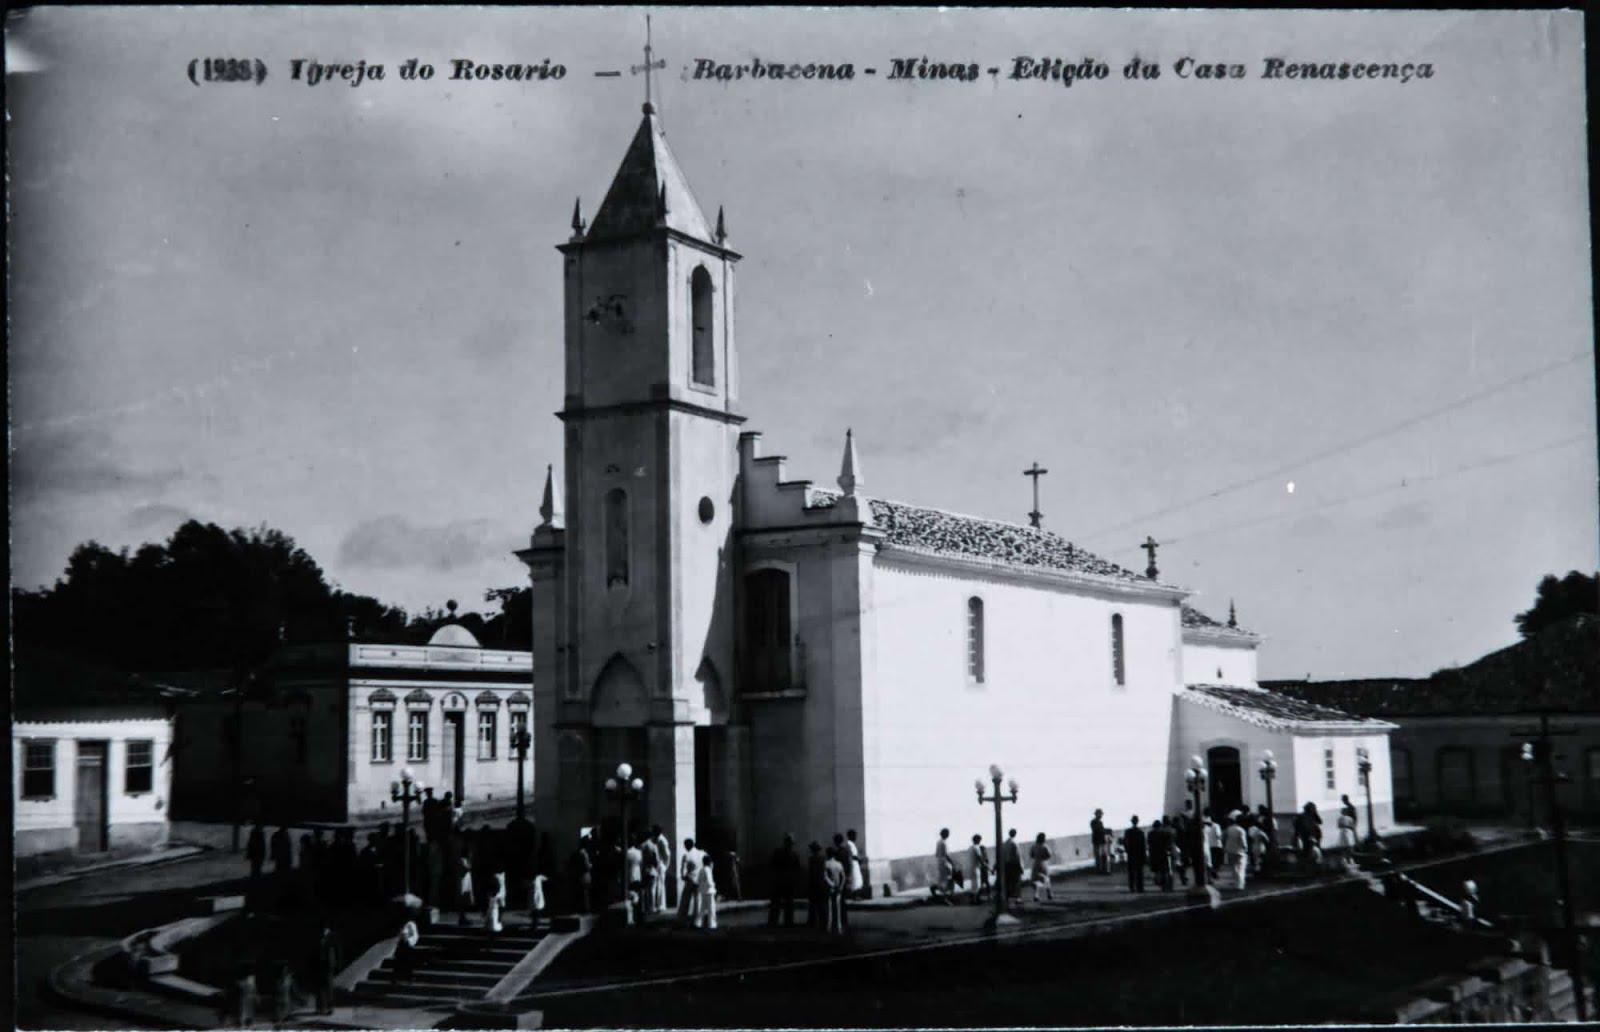 Igreja de N.S. do Rosário de Barbacena MG